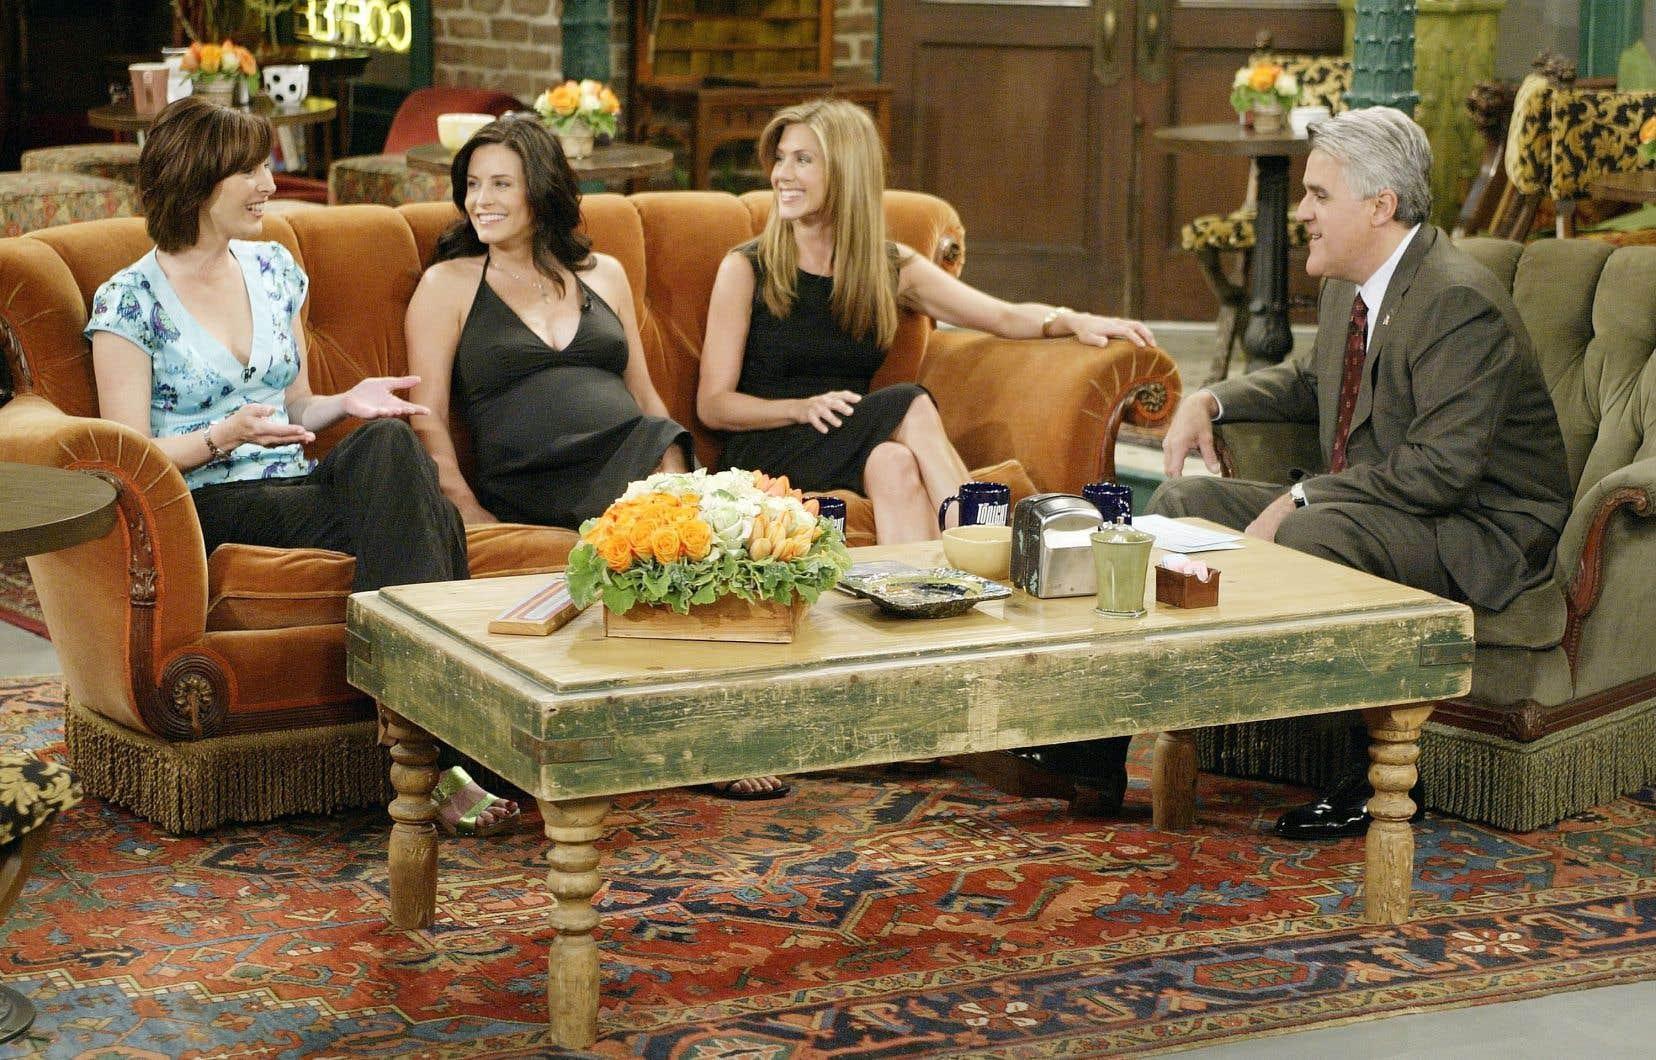 Télédiffusée de 1994 à 2004, la série a été un immense succès d'audience et a marqué une génération de téléspectateurs.